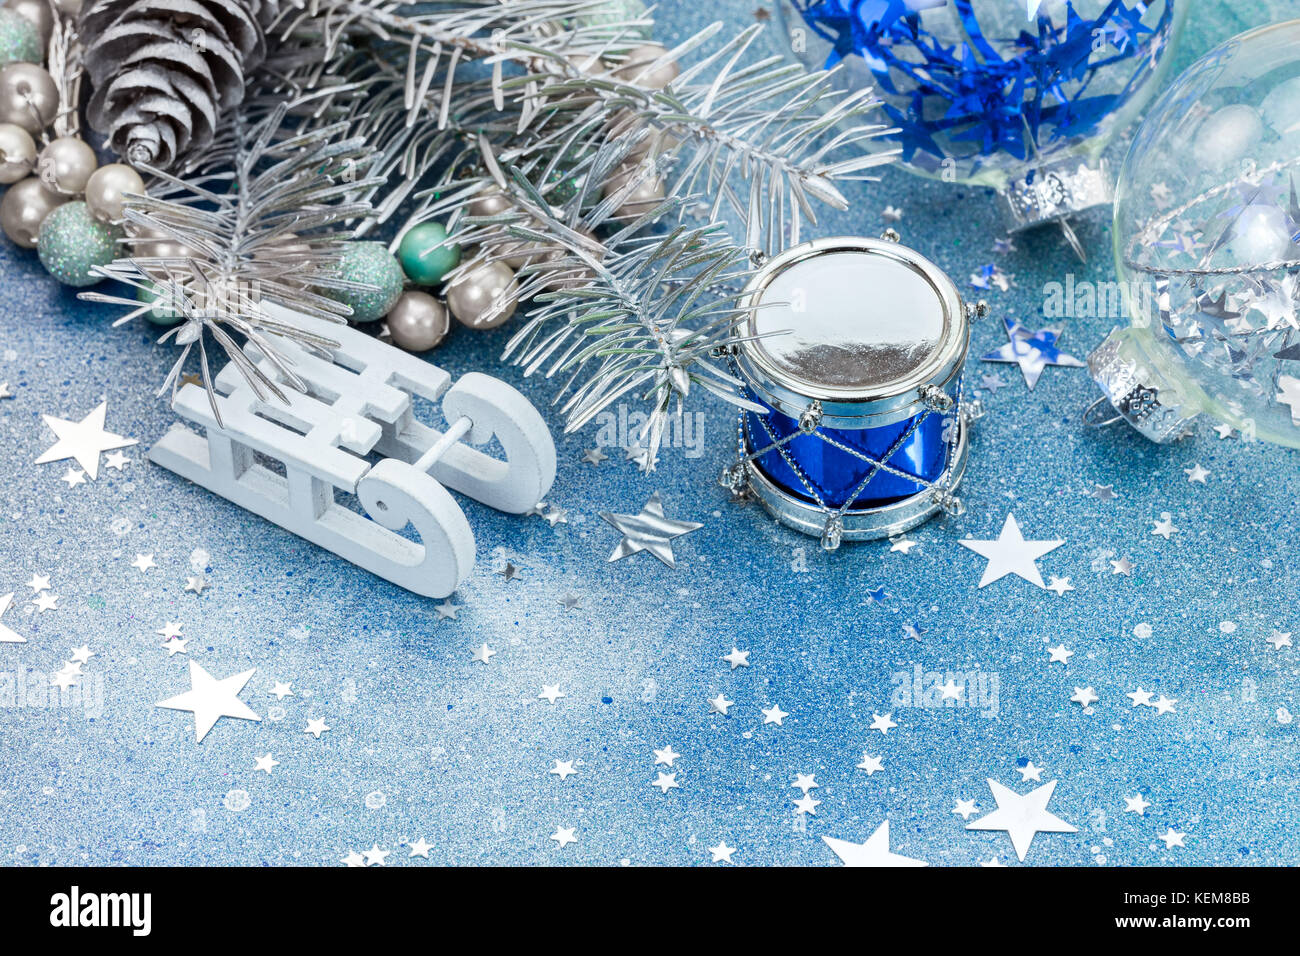 Blue And White Decorative Balls Australia